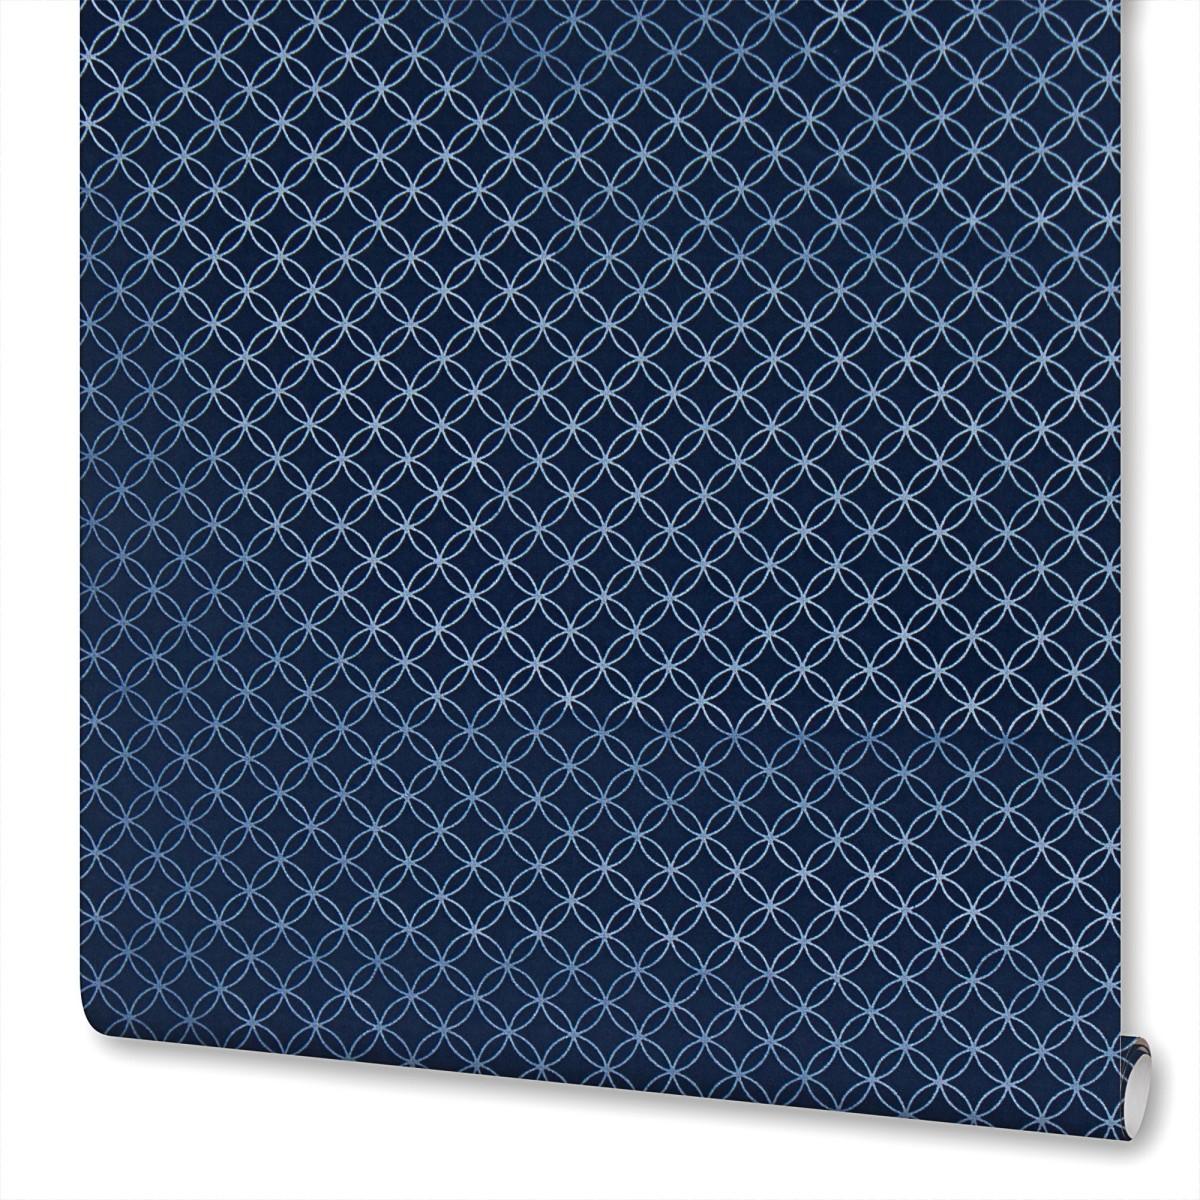 Обои флизелиновые Rasch Selection Relief Vlies синие 0.53 м 701753